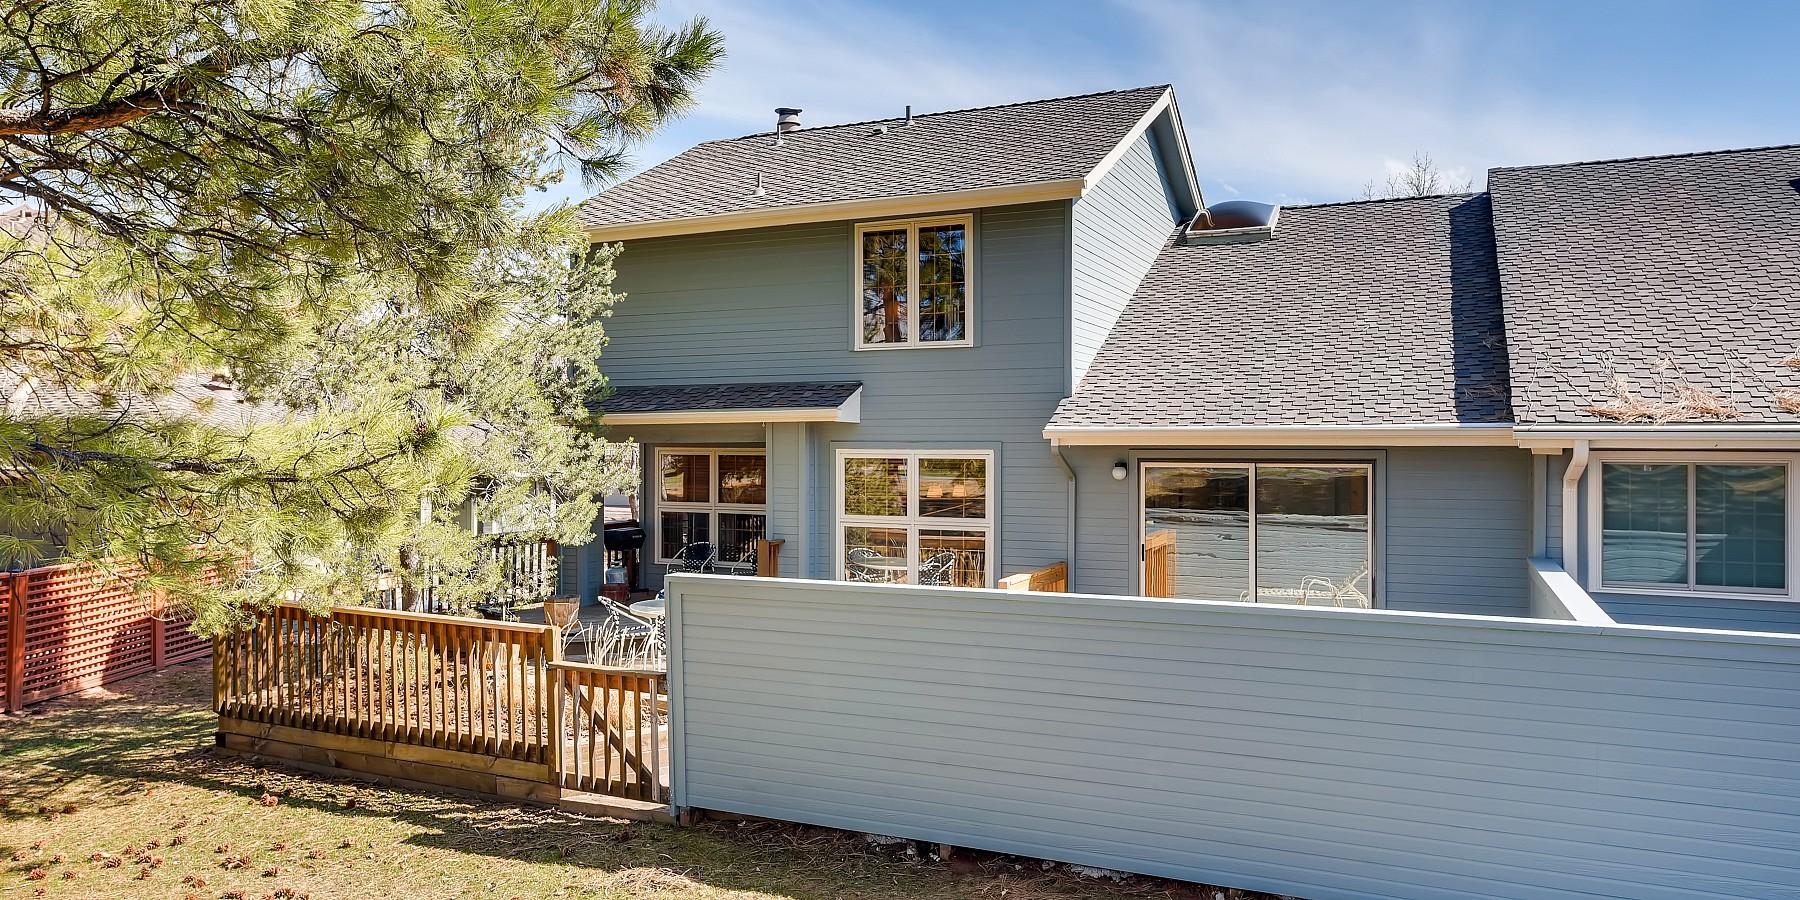 29 Pinyon Pine Road, Littleton, CO 80127